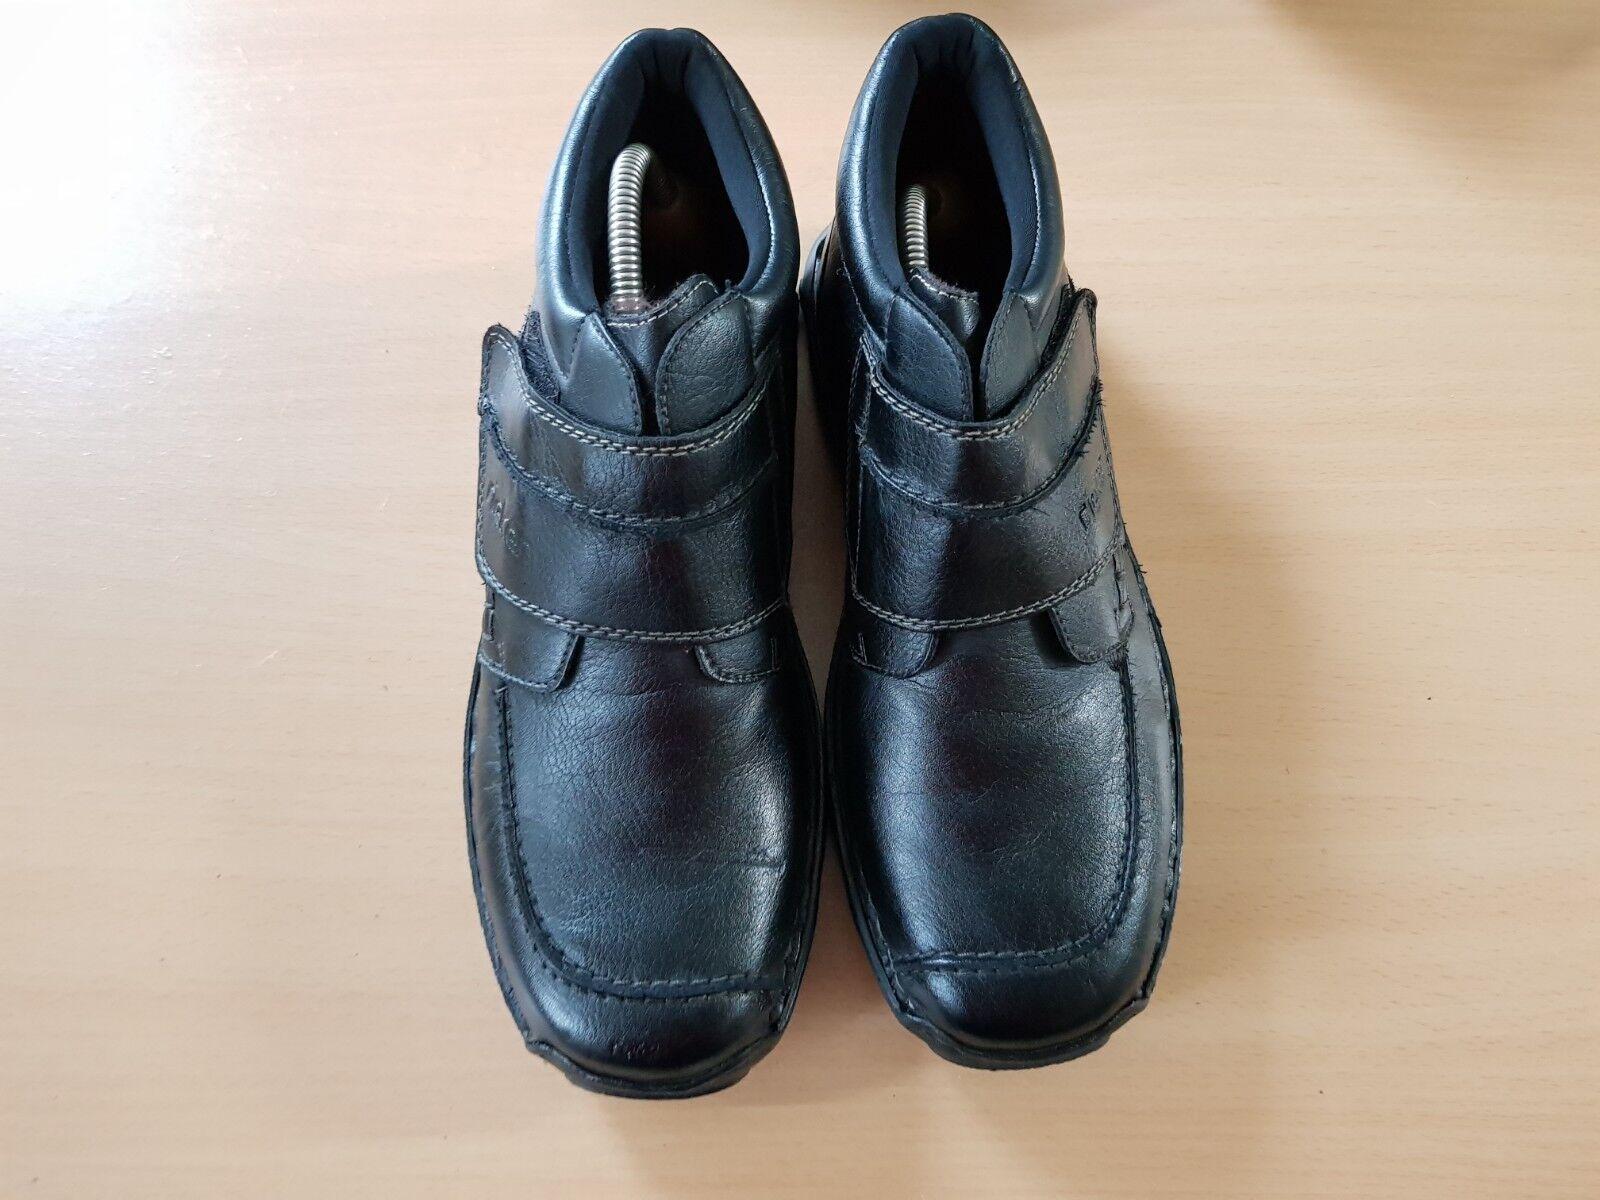 Rieker Herren Stiefel Schwarz Schuhe, Größe:42